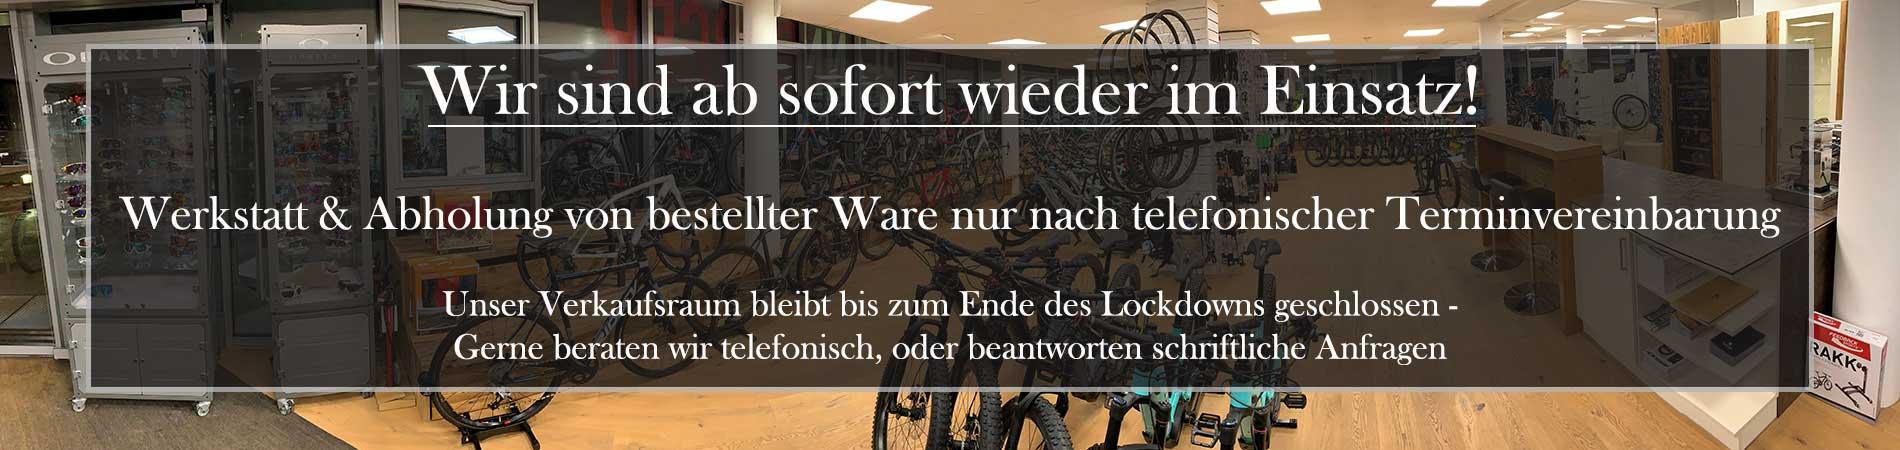 Pfannberger Cycling Öffnungszeiten 2021